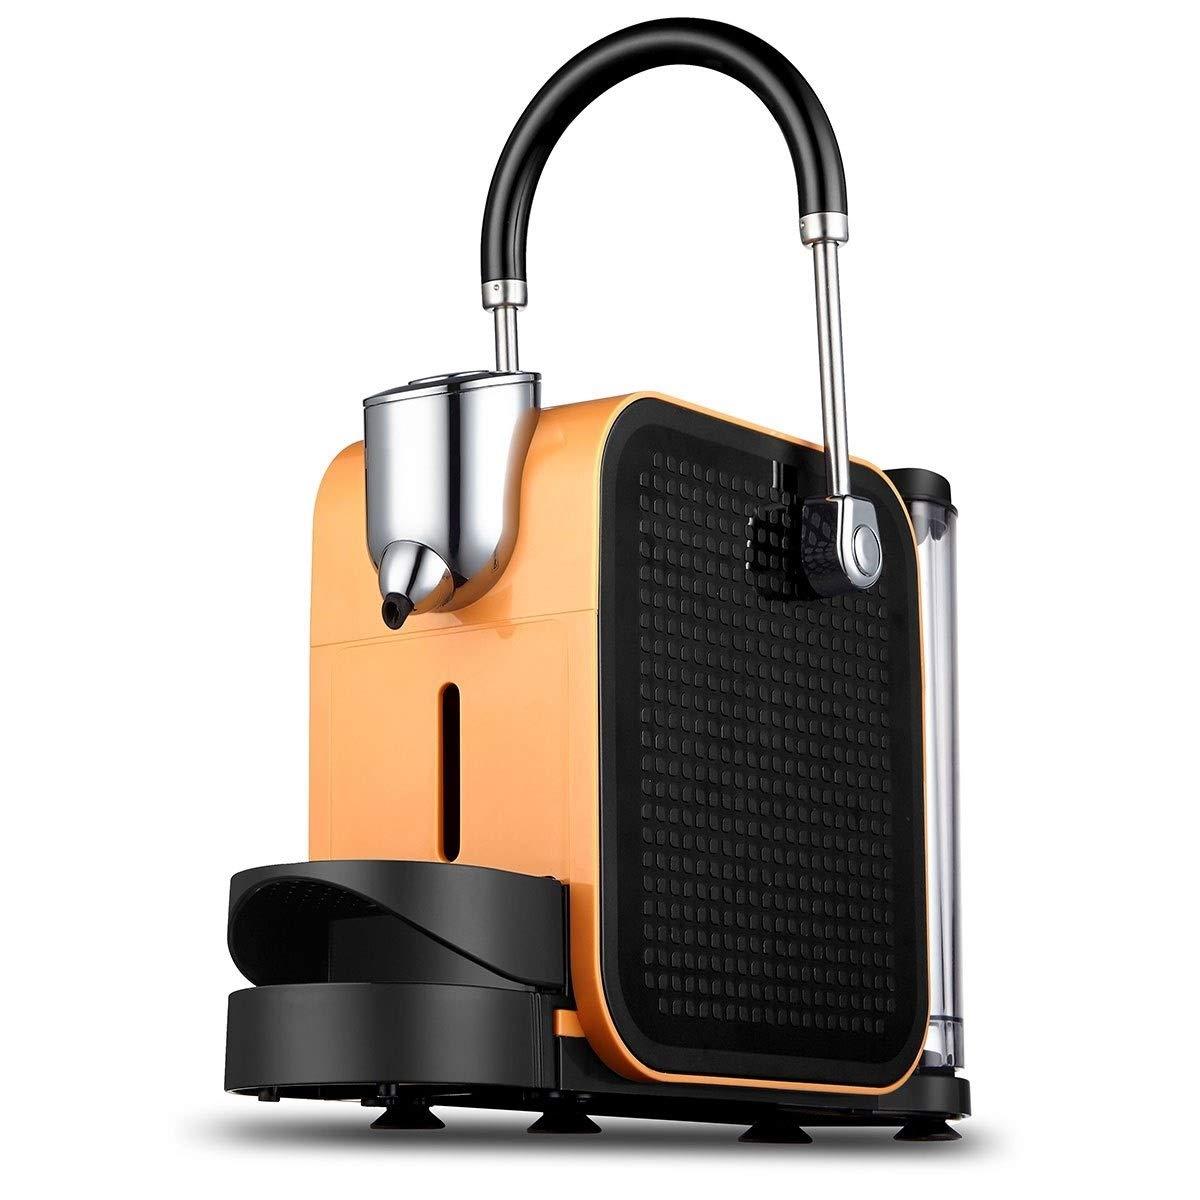 Amazon.com: OLT - Máquina de café con filtro automático para ...